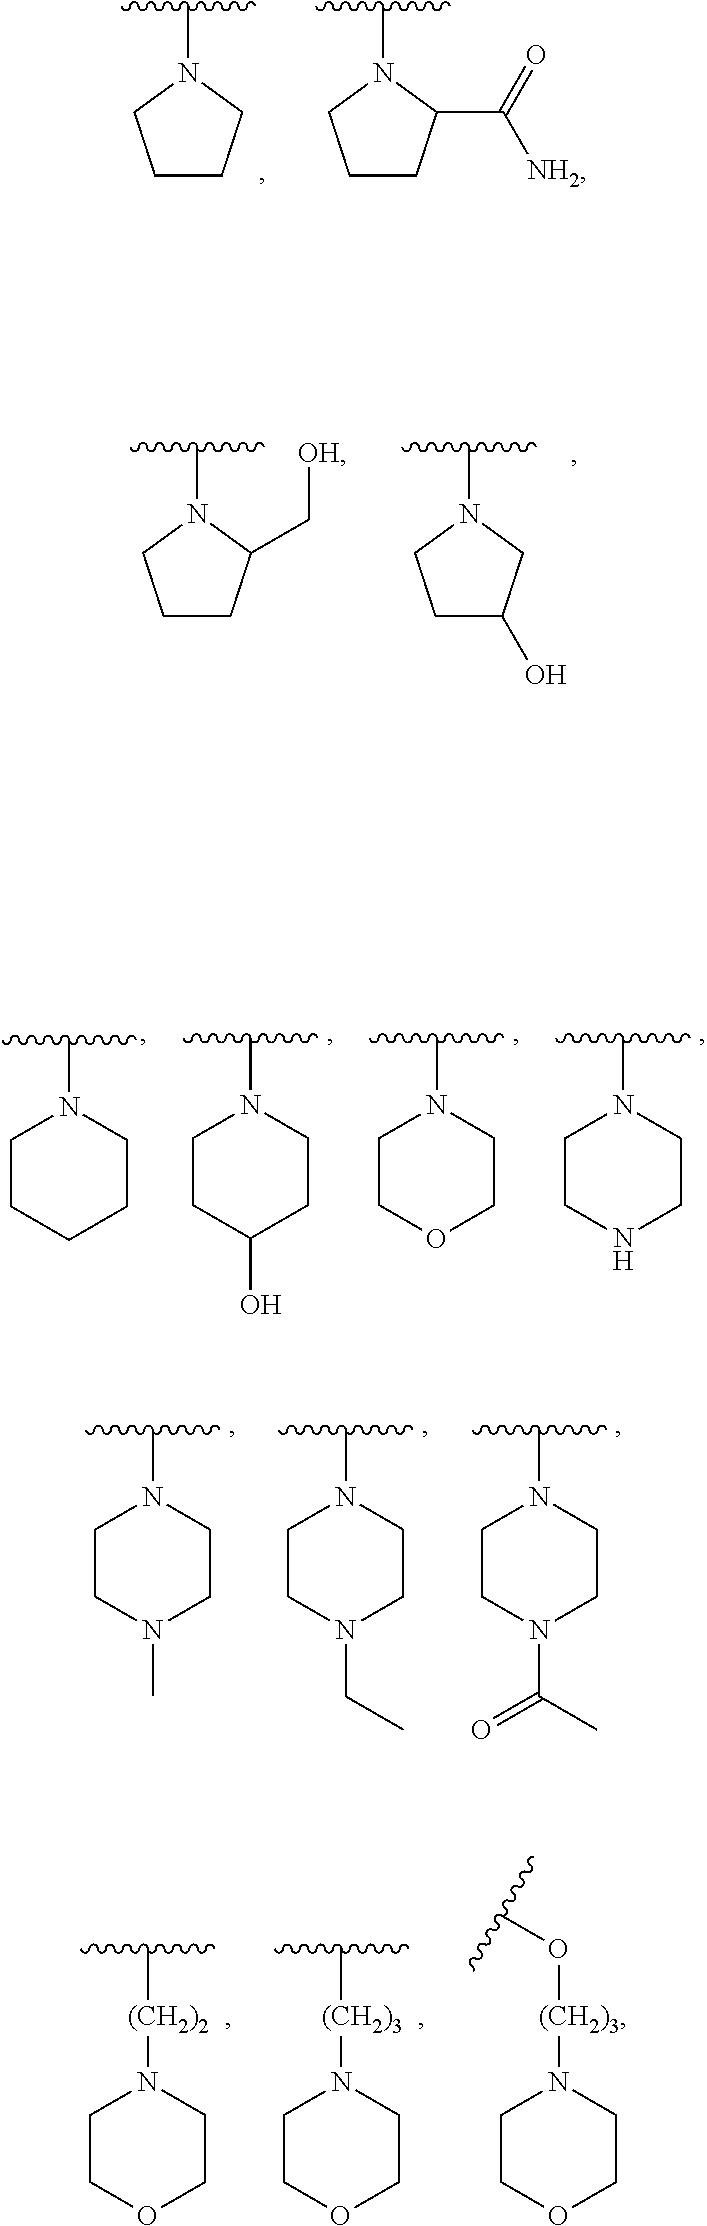 Figure US09561228-20170207-C00033